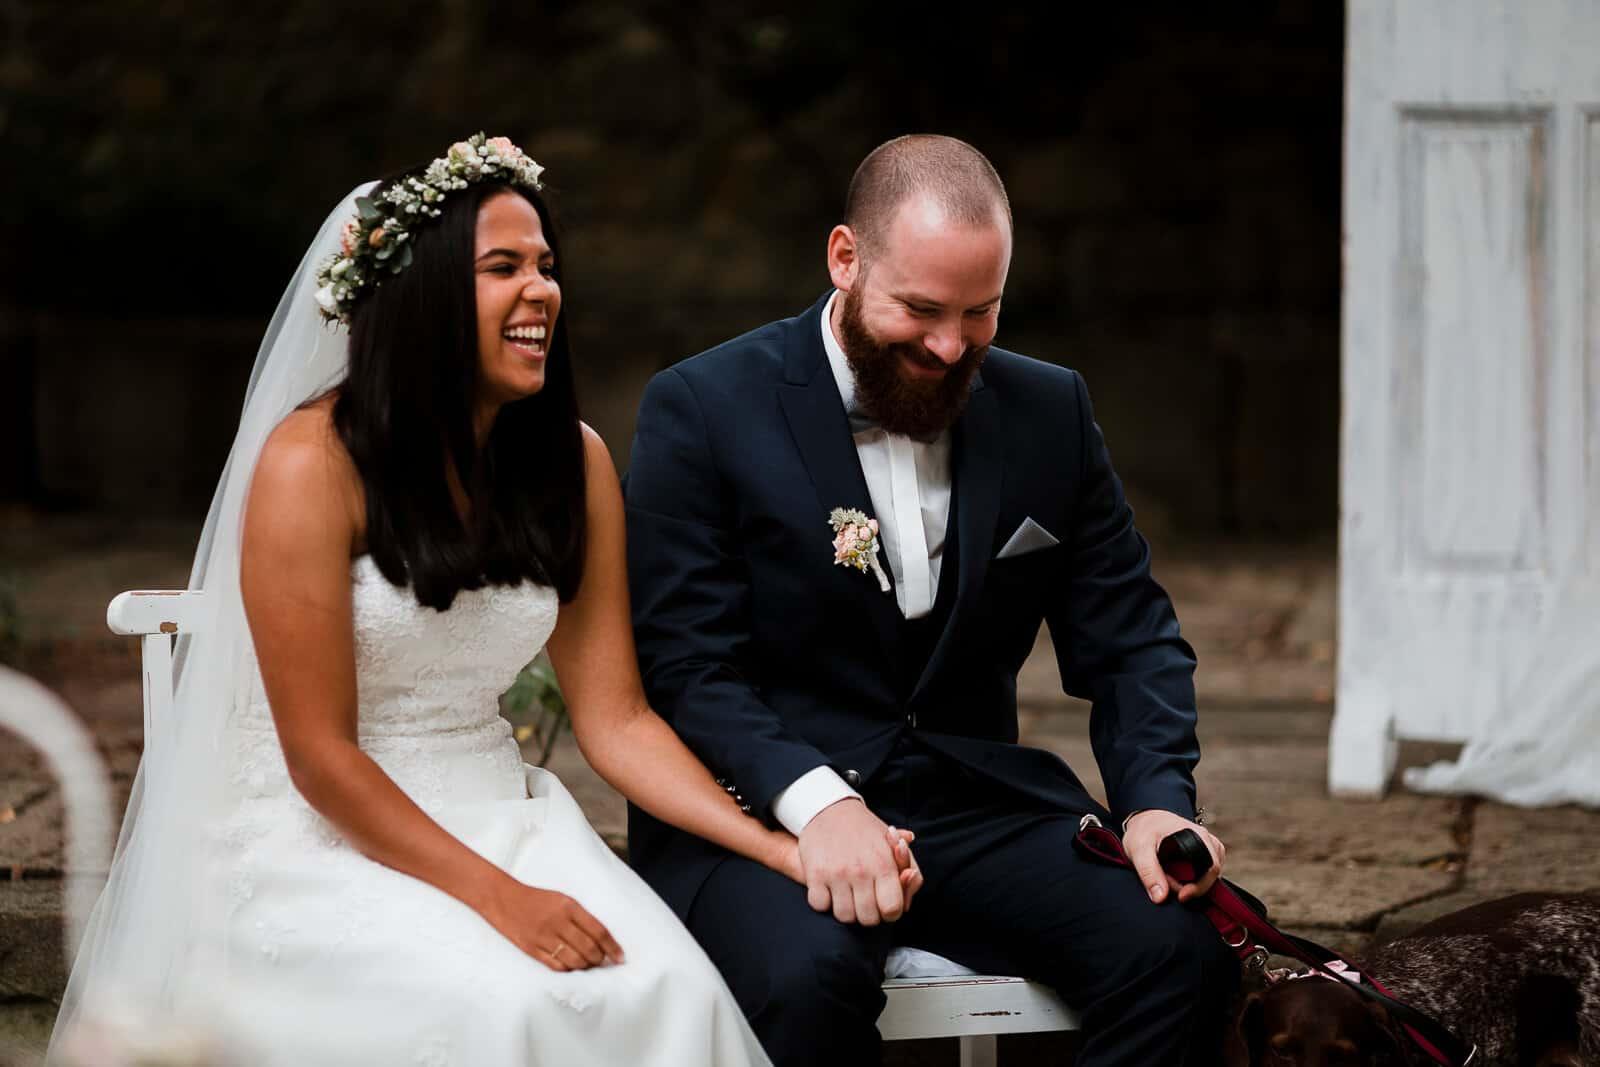 Das Brautpaar lacht